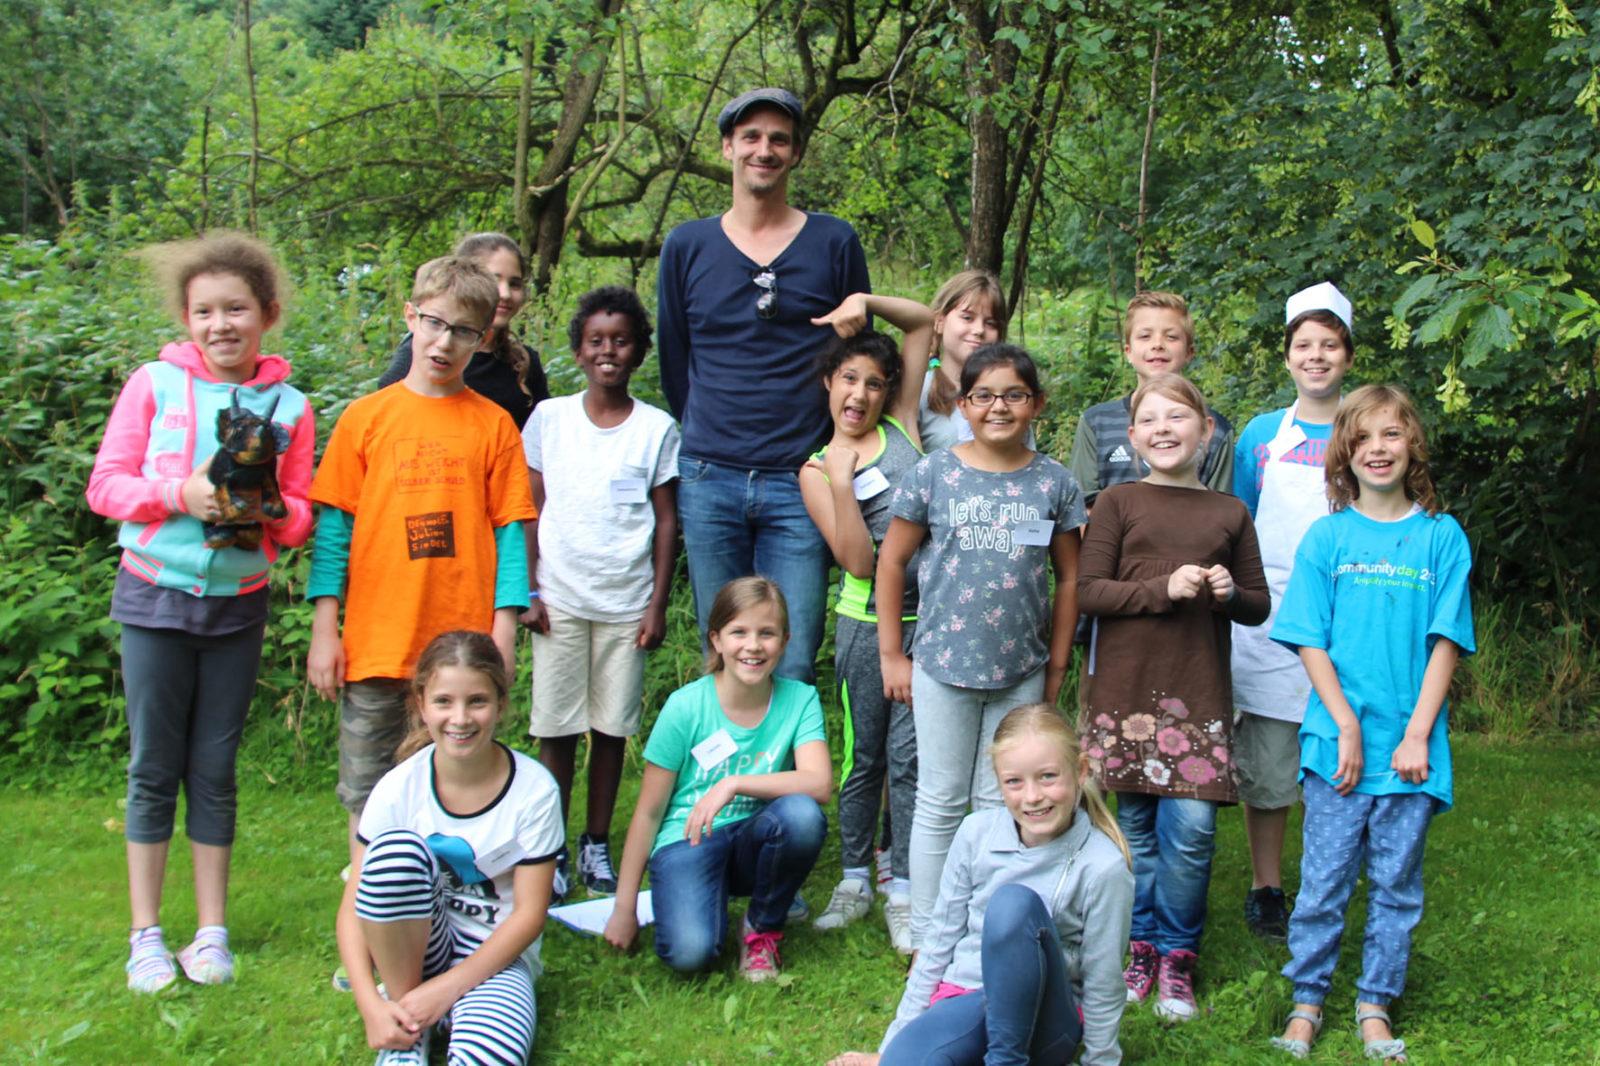 Max von Thun Jugendkulturtage 2016